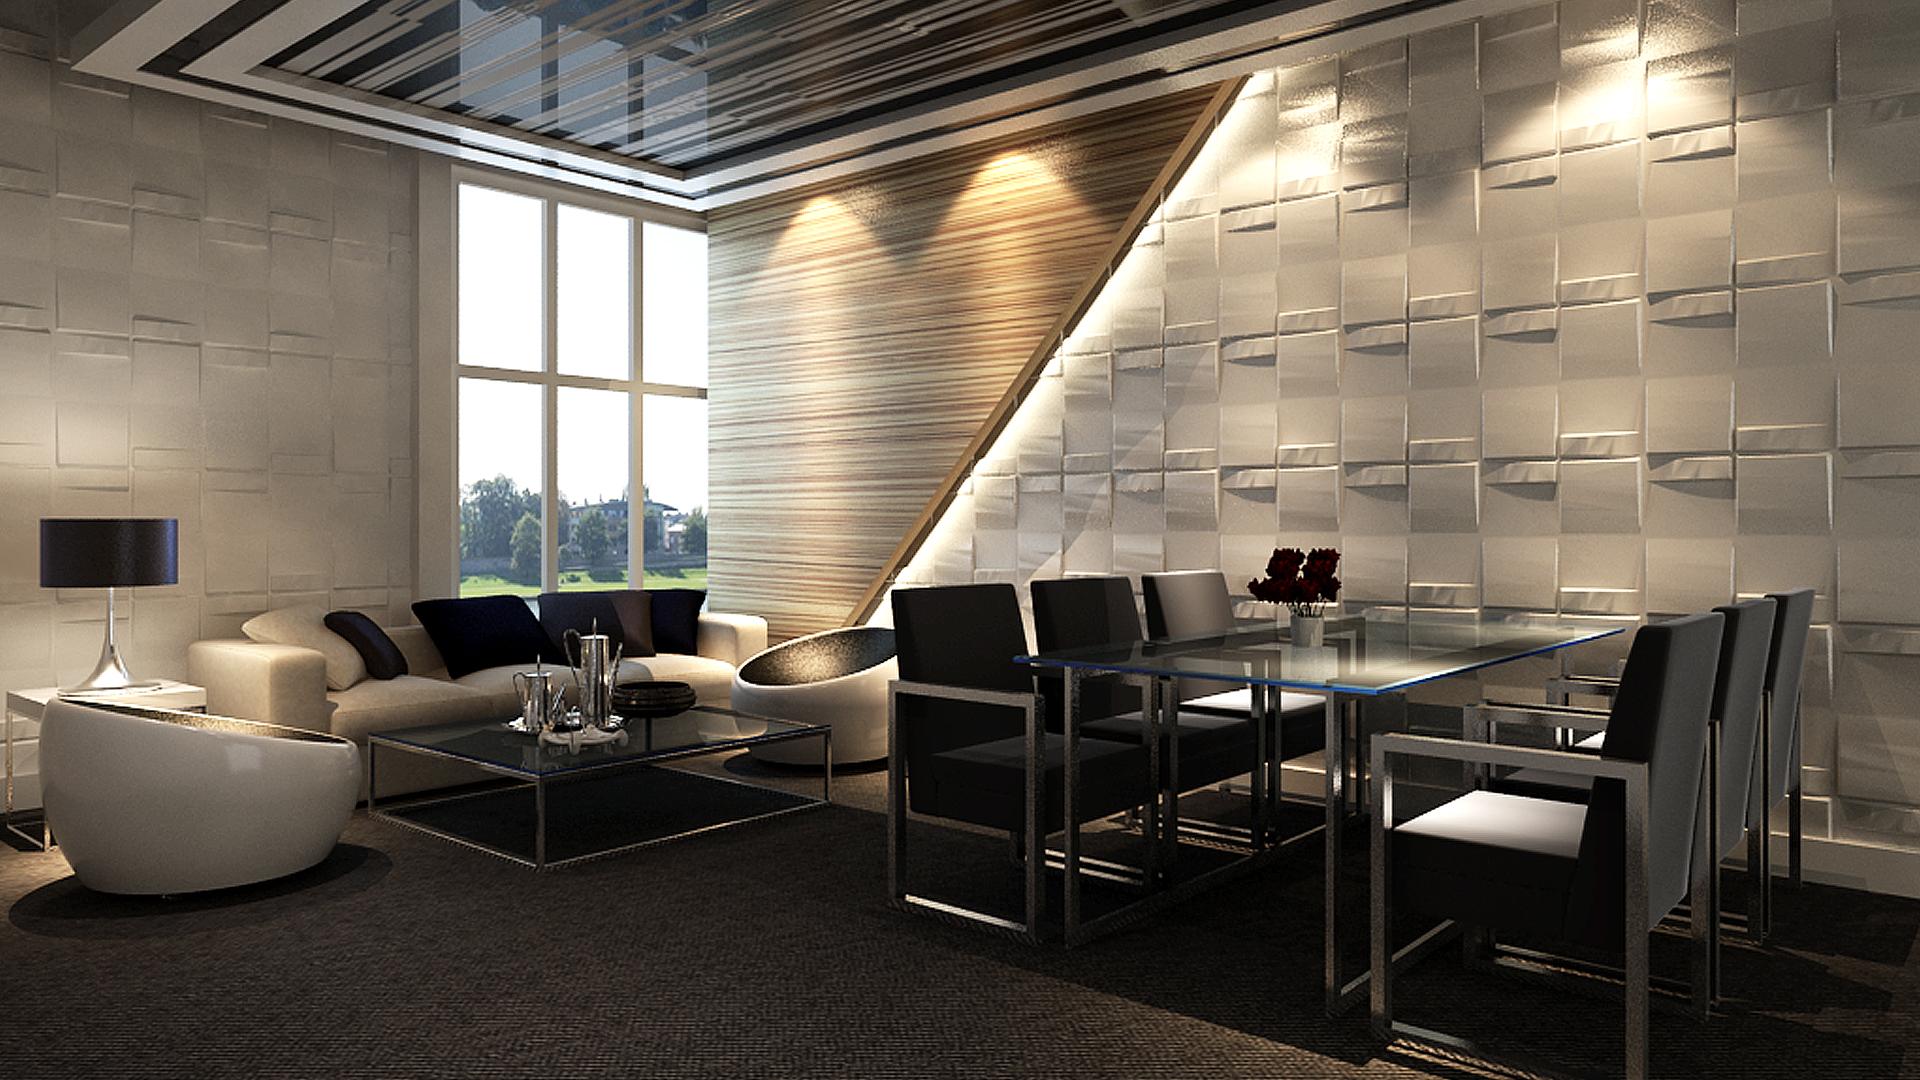 Full Size of Küche Wandverkleidung Glas Mit Motiv Küche Wandverkleidung Kunststoff Küche Wandverkleidung Wie Arbeitsplatte Küche Wandverkleidung Holz Küche Küche Wandverkleidung